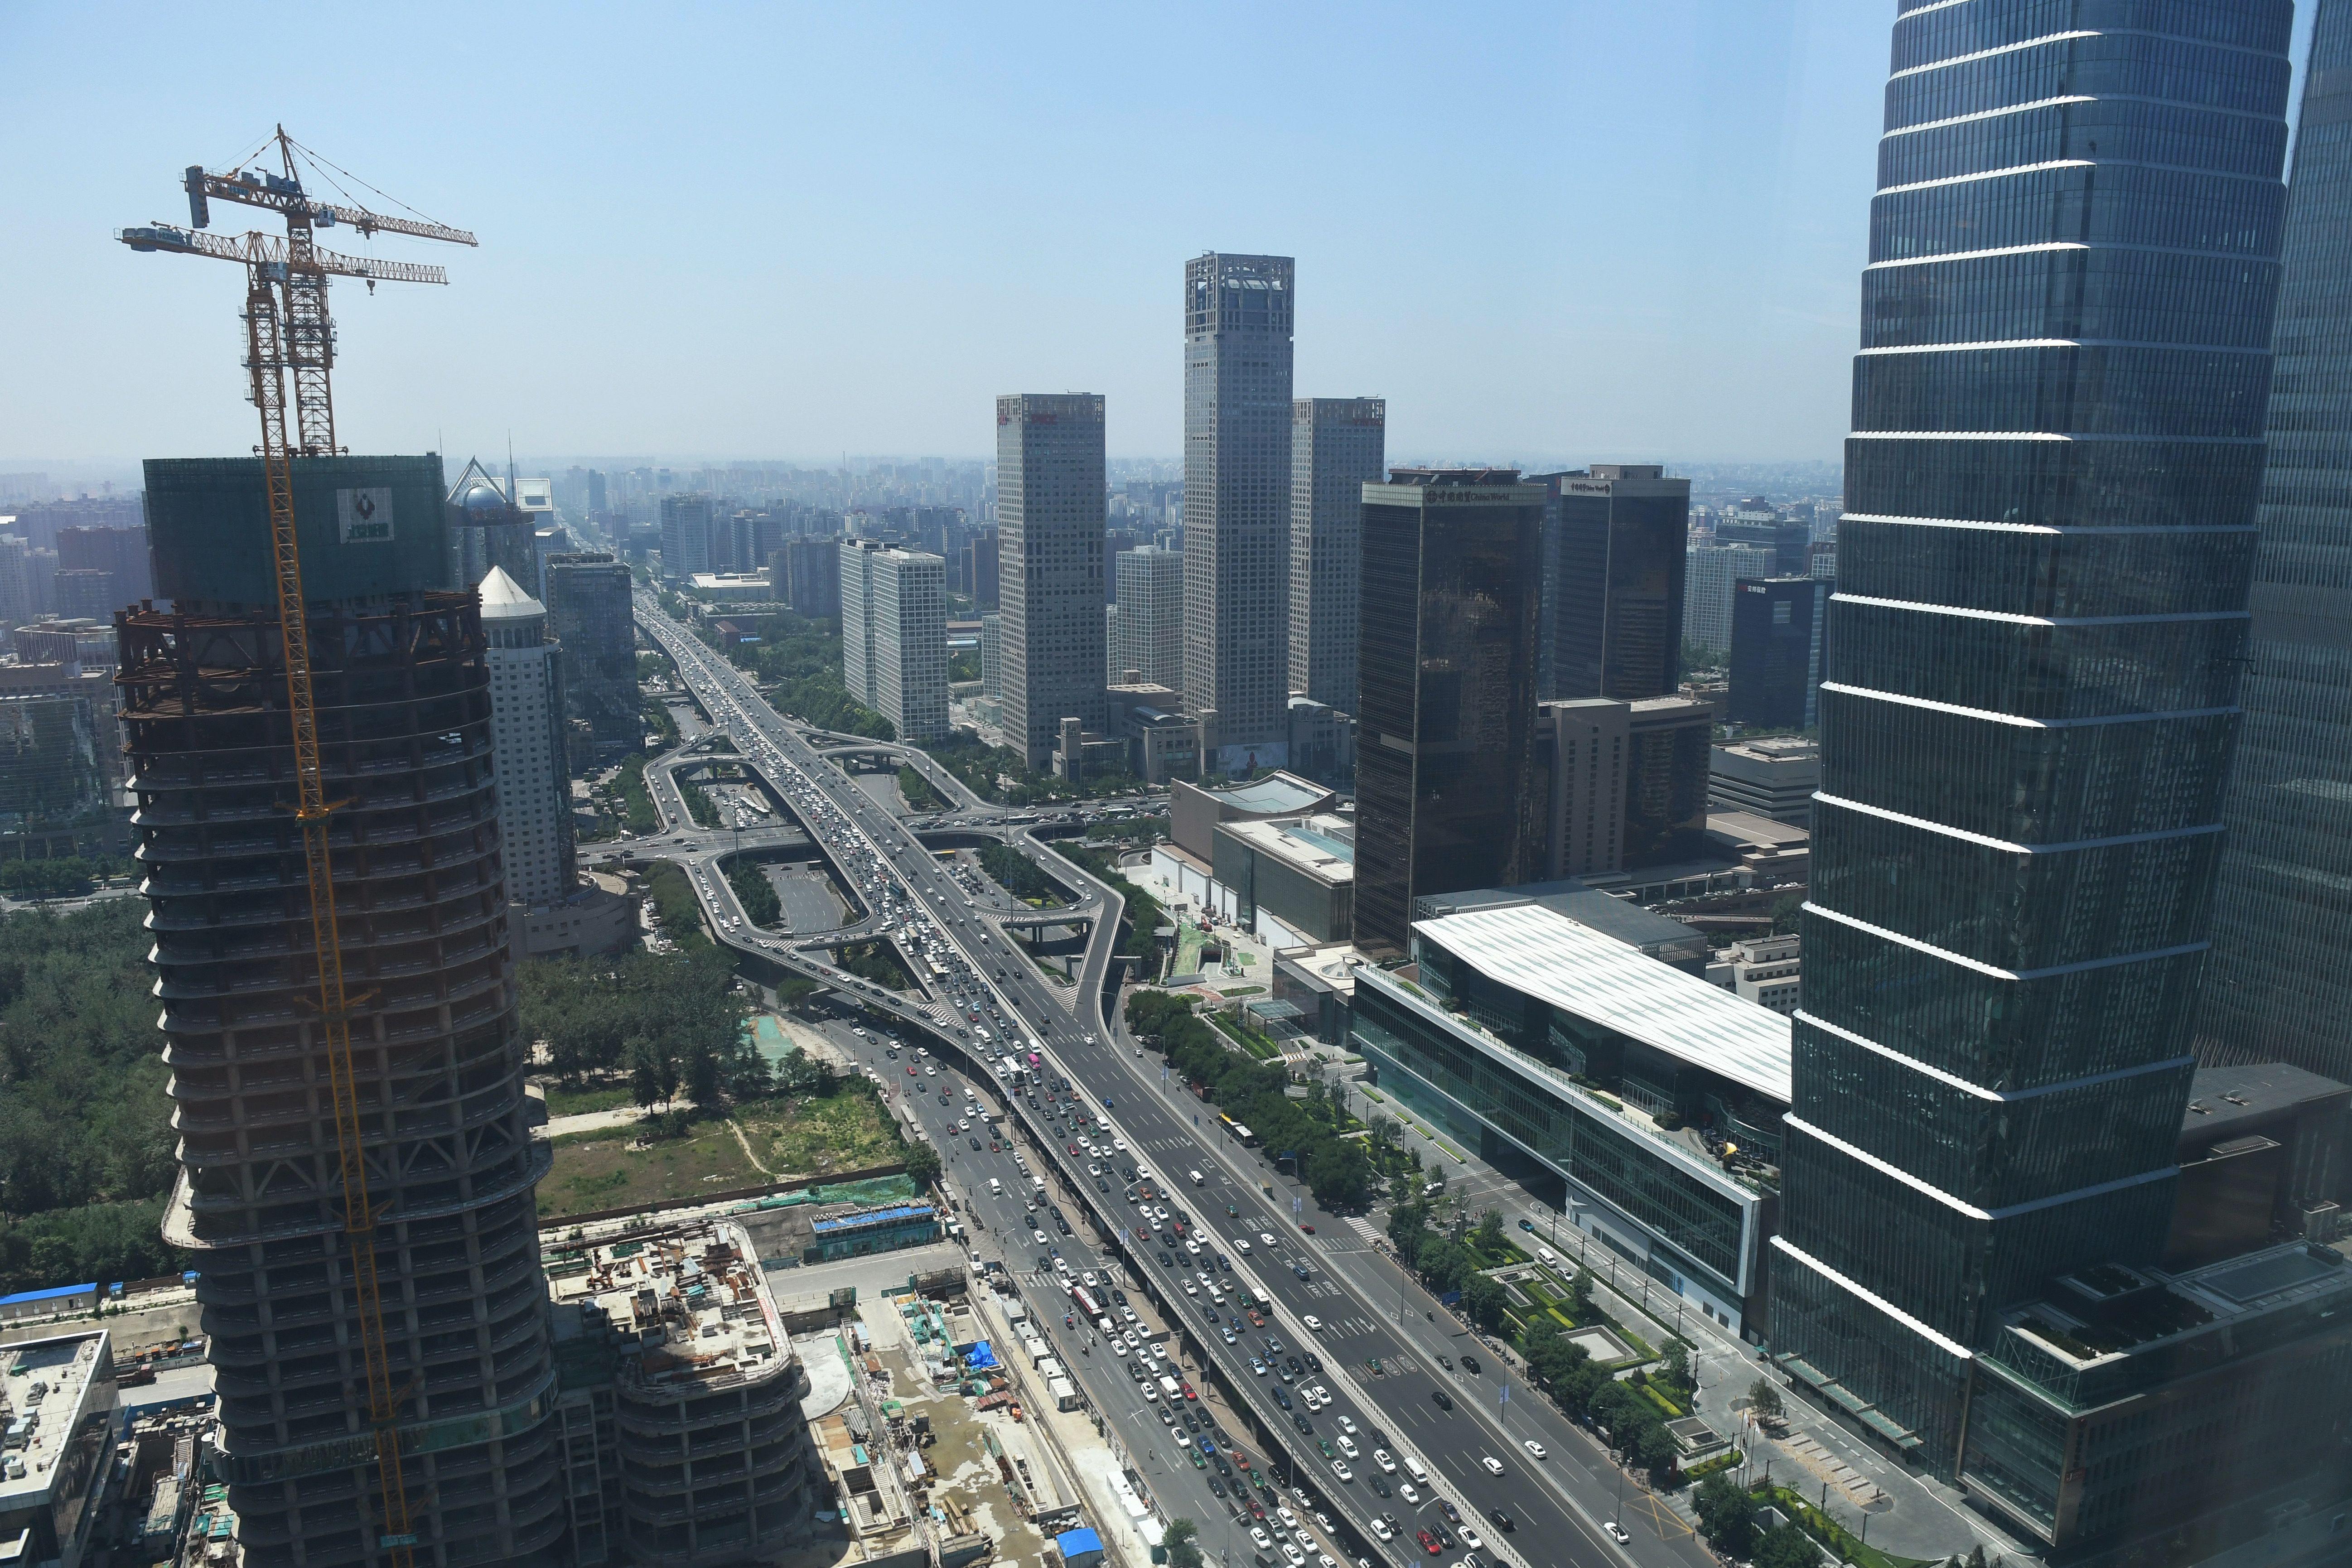 中共推深圳核心地位欲弱化香港 評論:爛尾收場